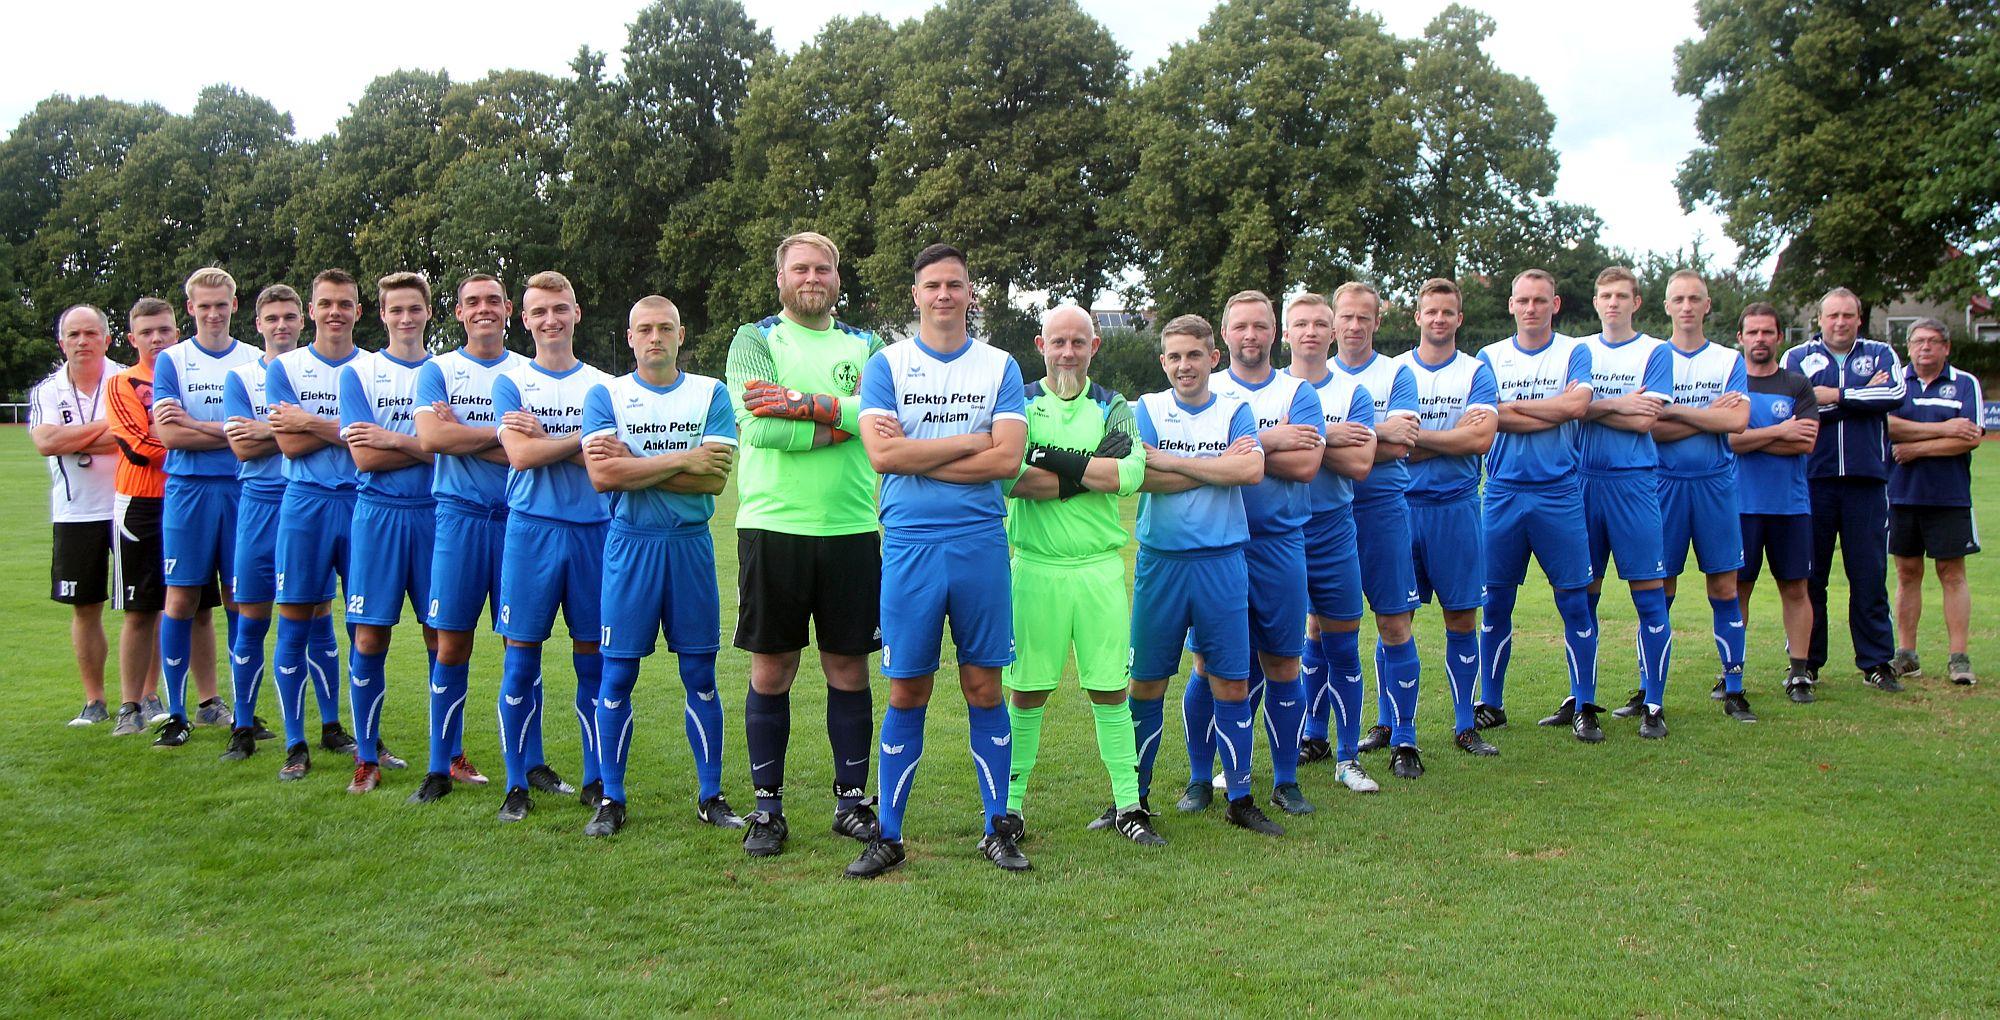 Pflichtaufgabe erfüllt: Landesliga-Team zieht in die dritte Pokalrunde ein